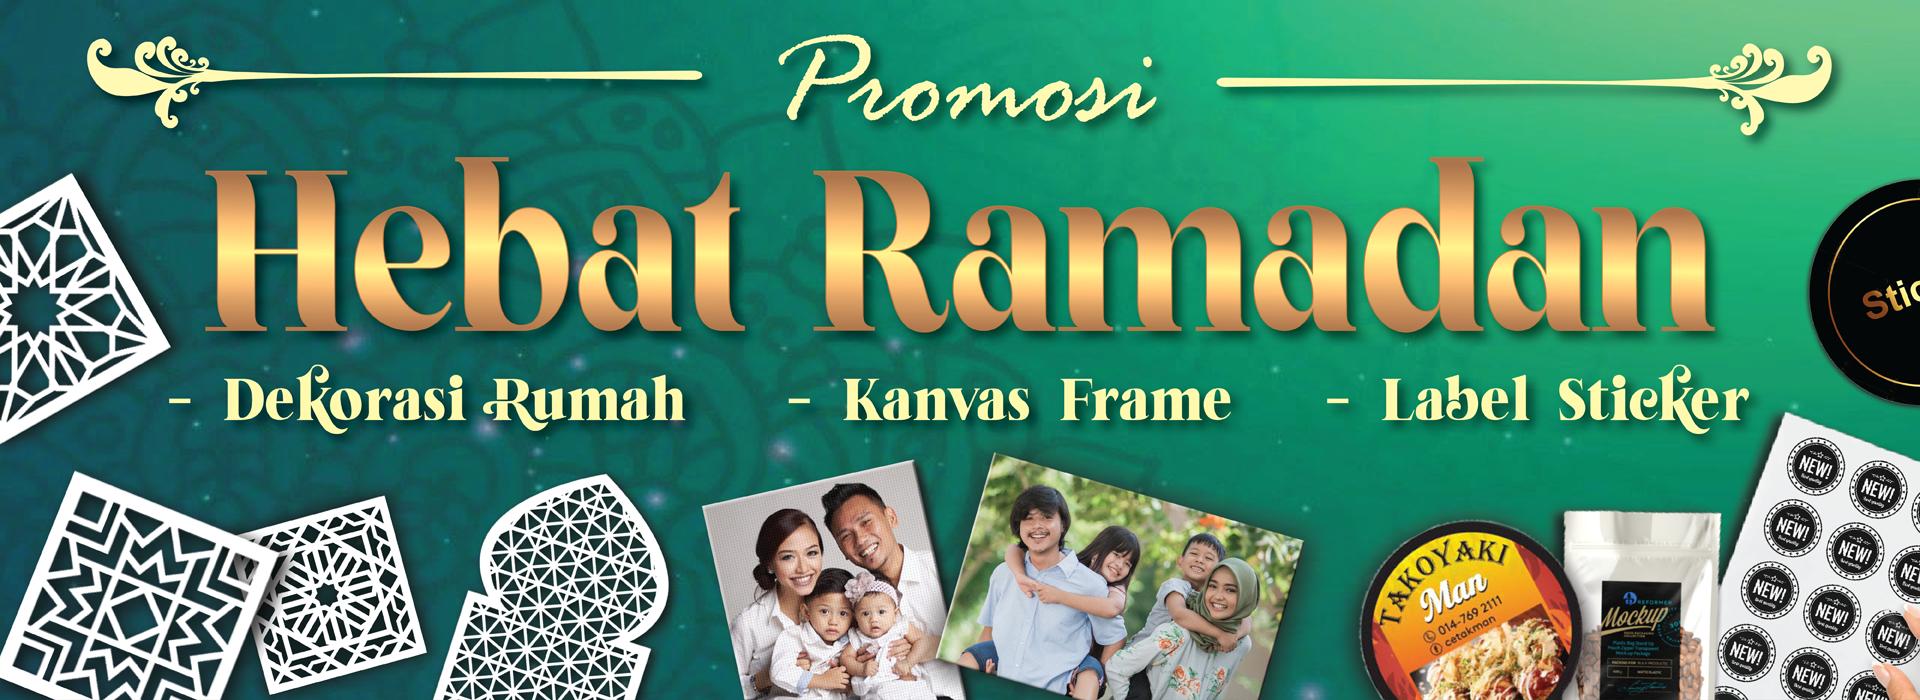 Promosi Hebat Ramadan